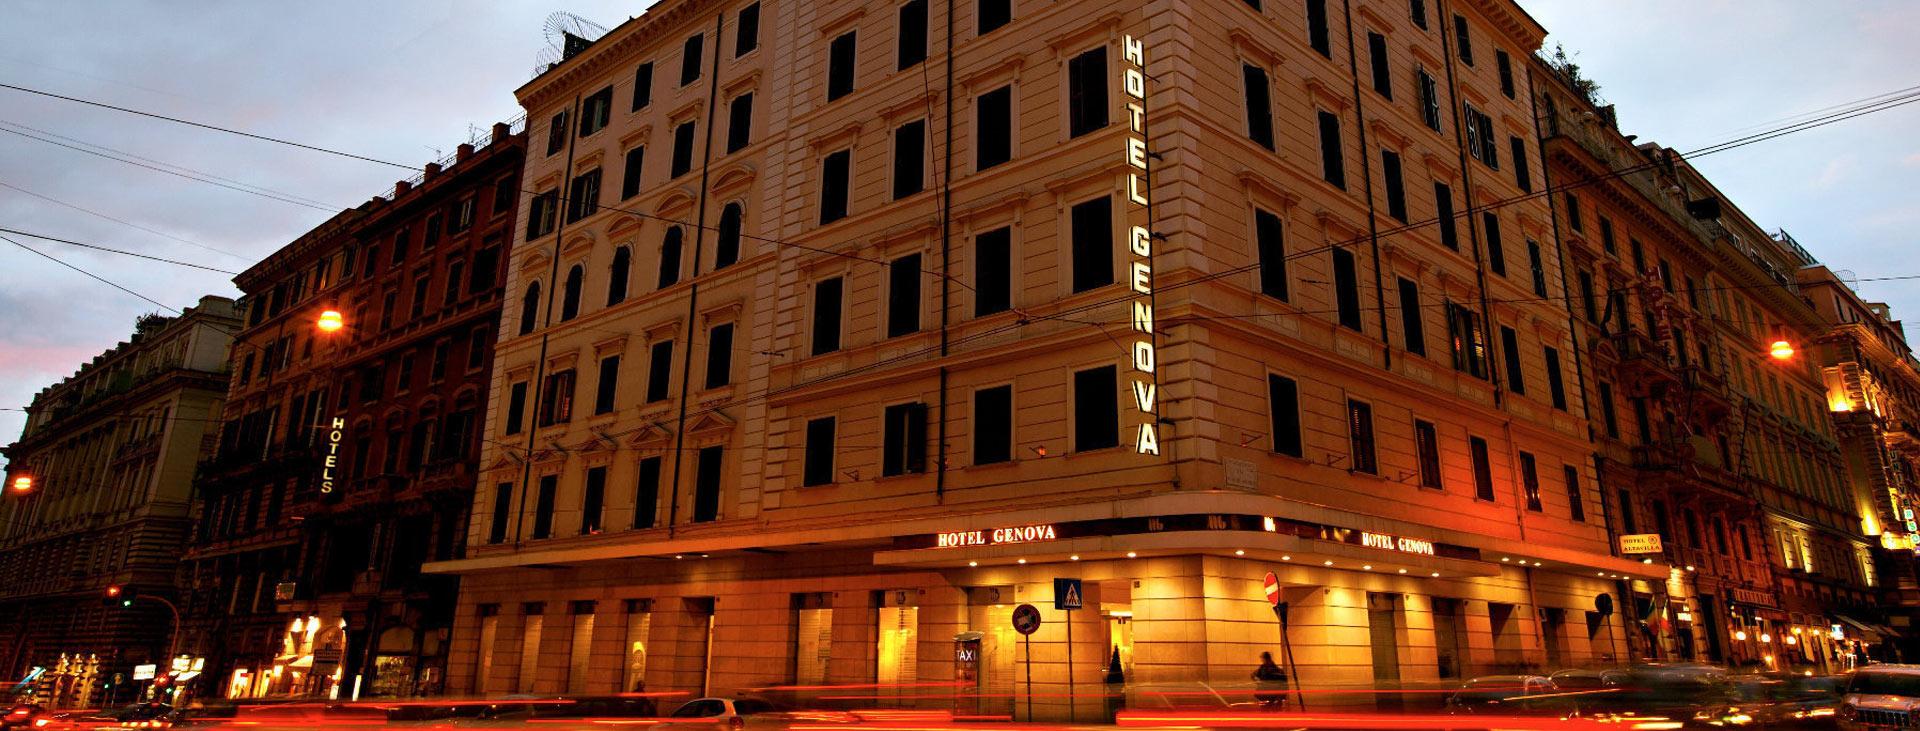 Genova, Rom, Italien